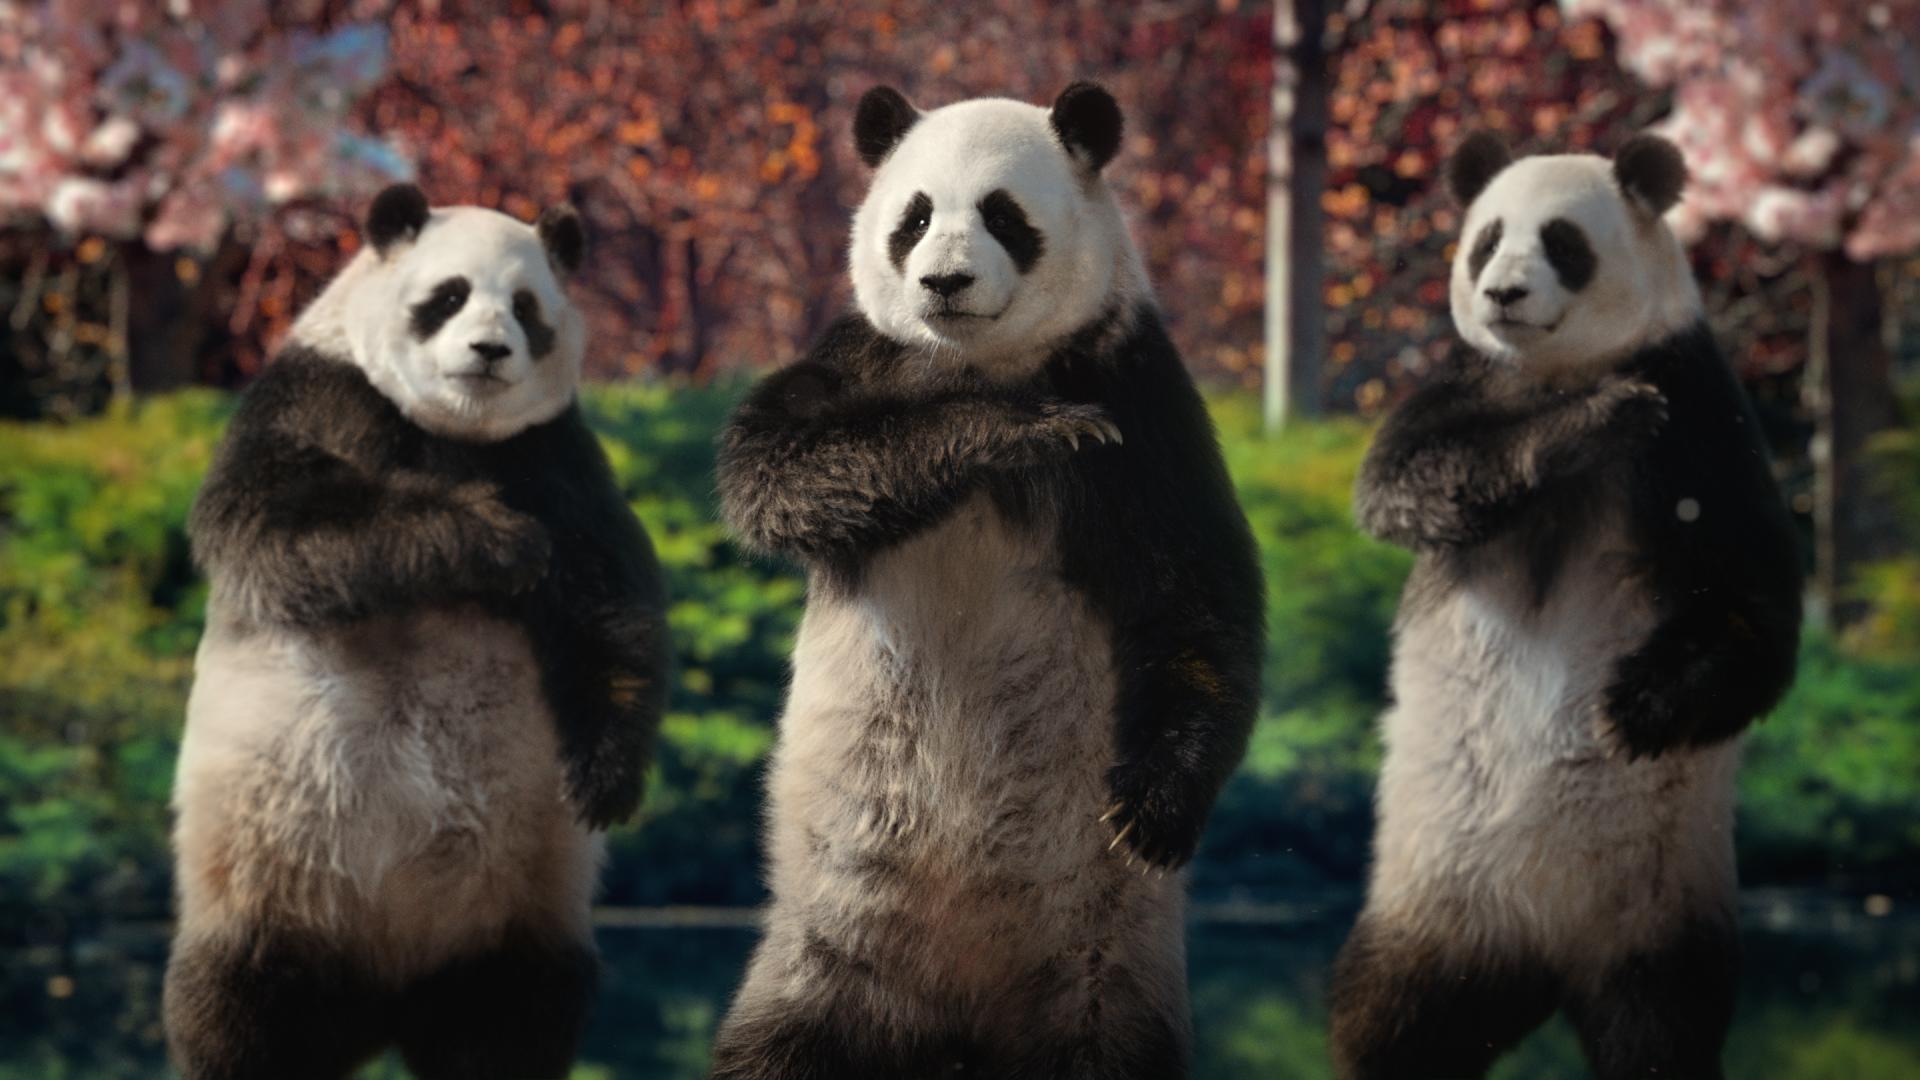 Sudocrem - Tai Chi Pandas